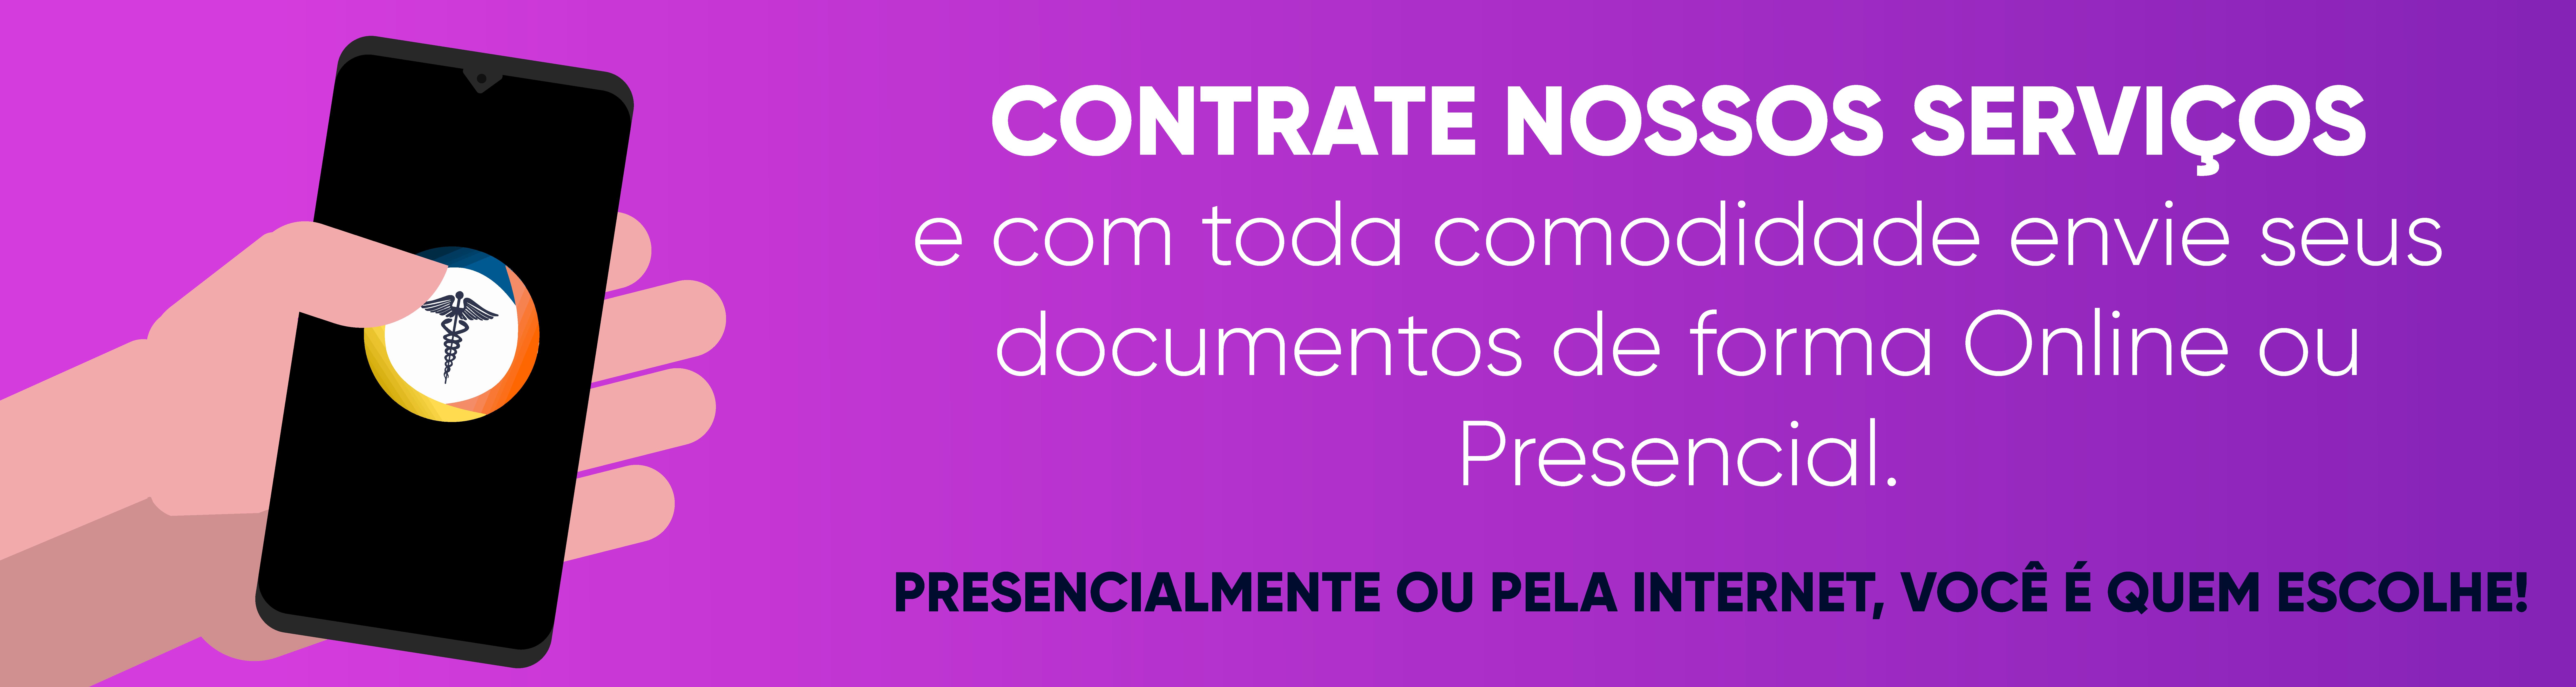 CONTRATE NOSSOS SERVIÇOS